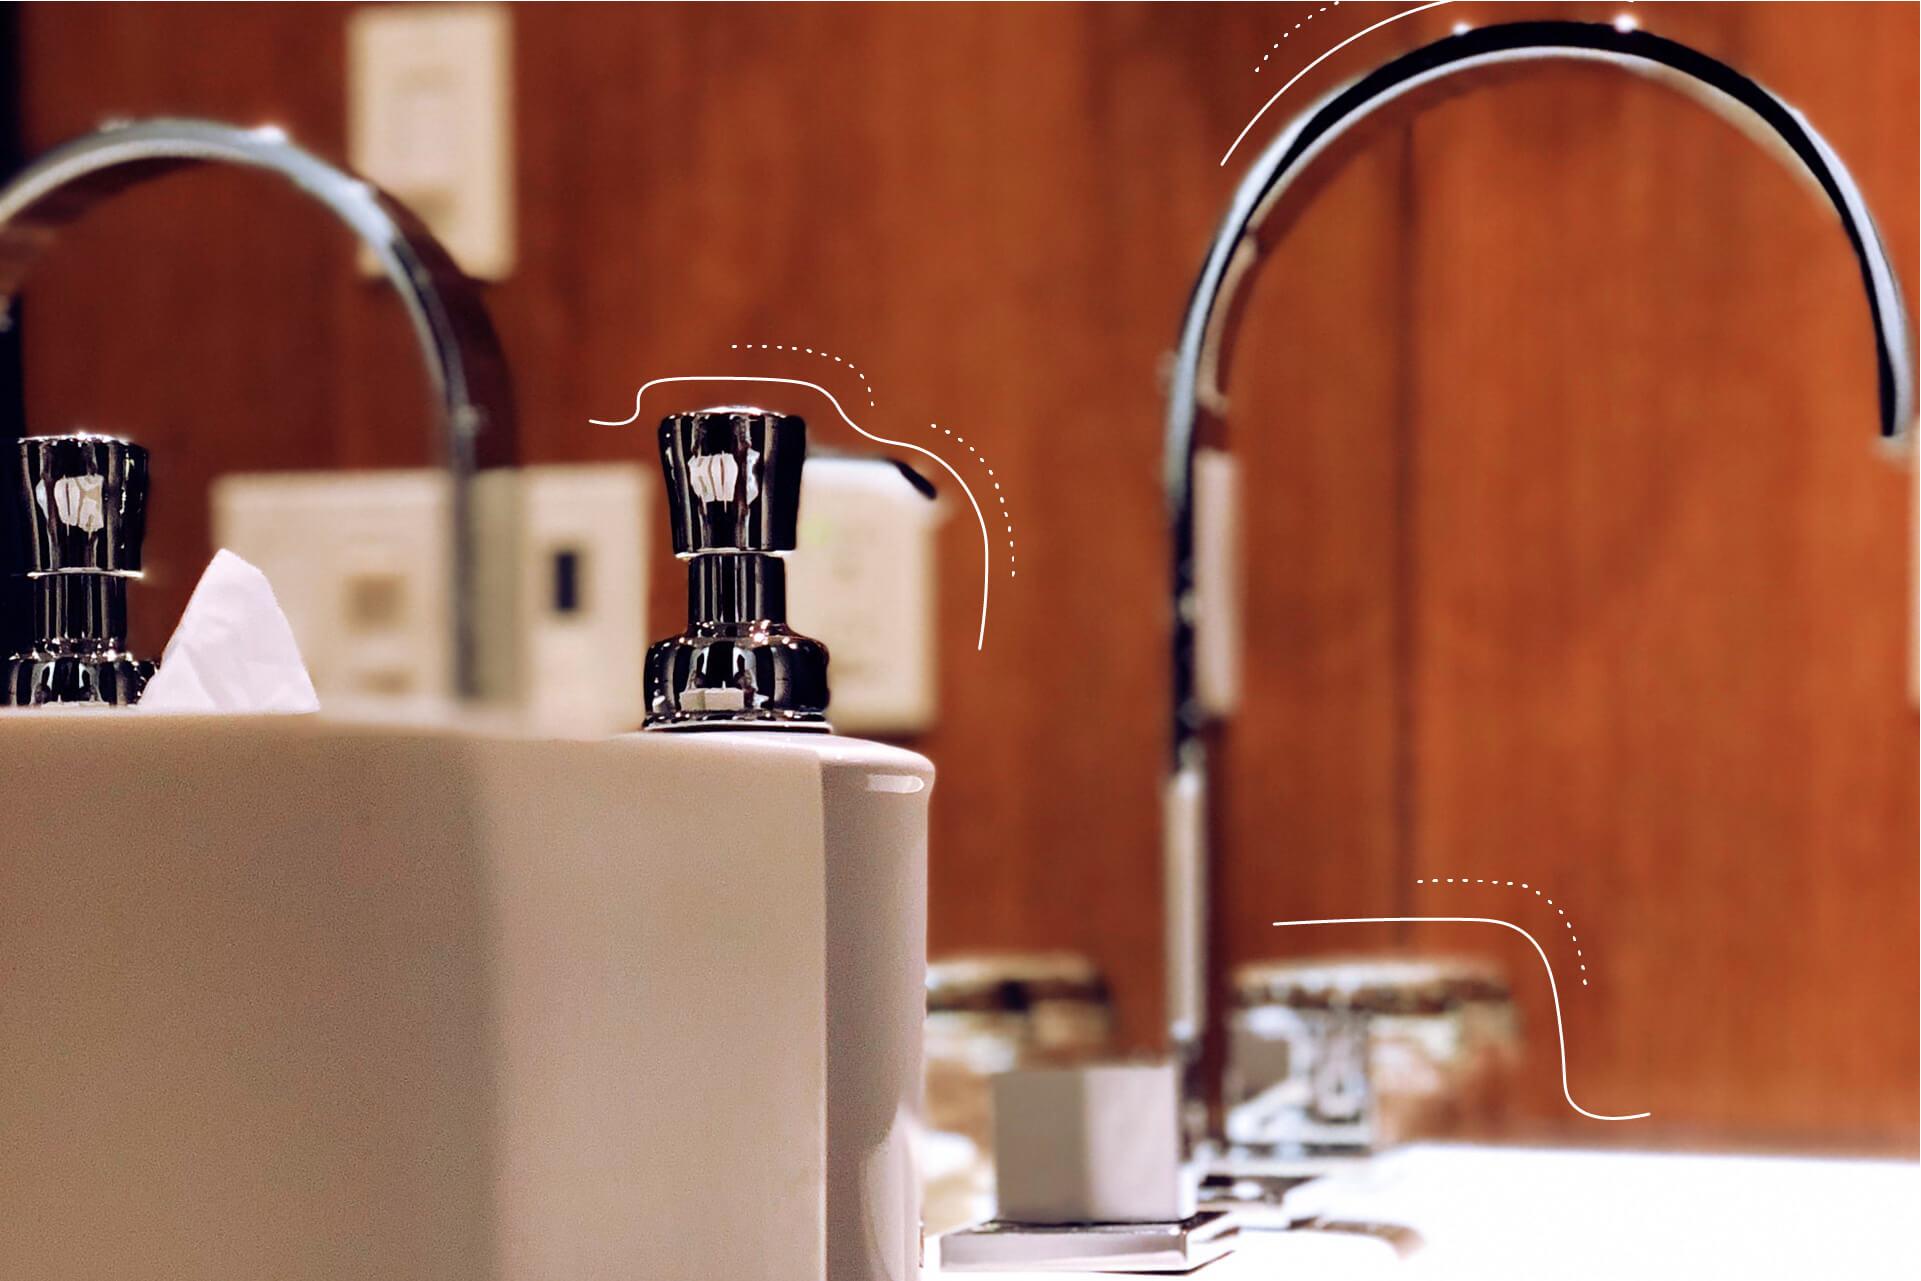 Armaturen eines Waschbeckens.   eggheads.net